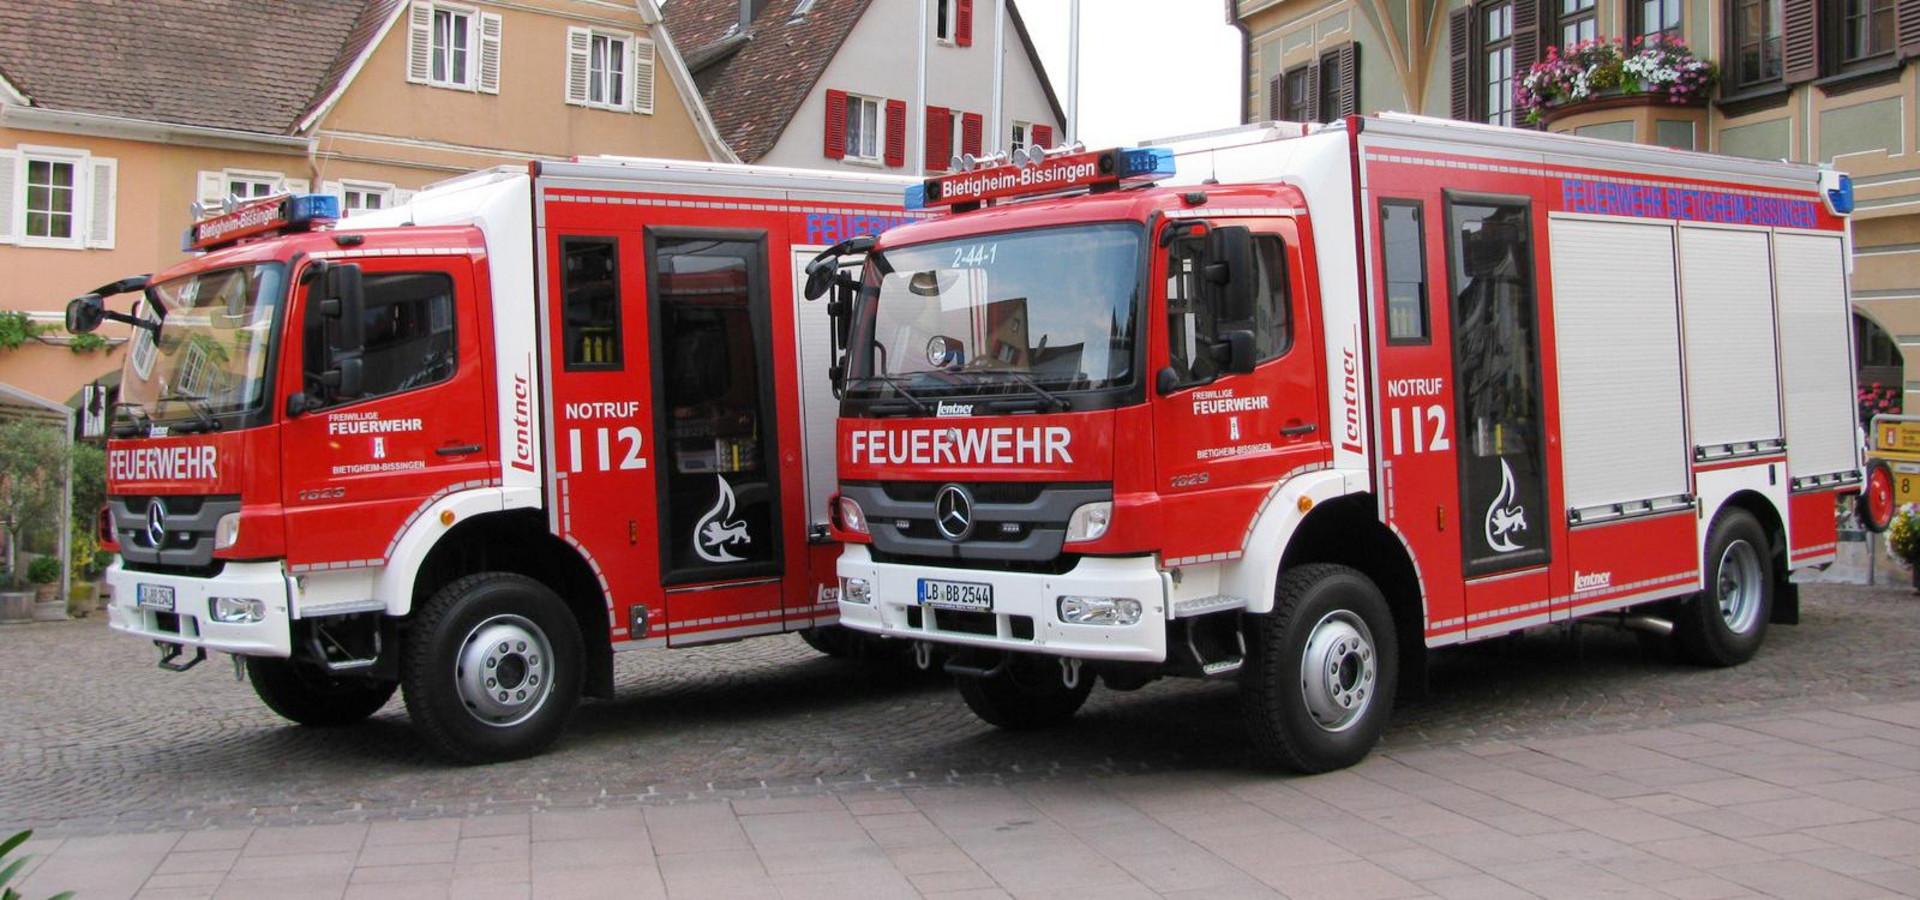 Feuerwehr Feuerwehr Bietigheim Bissingen